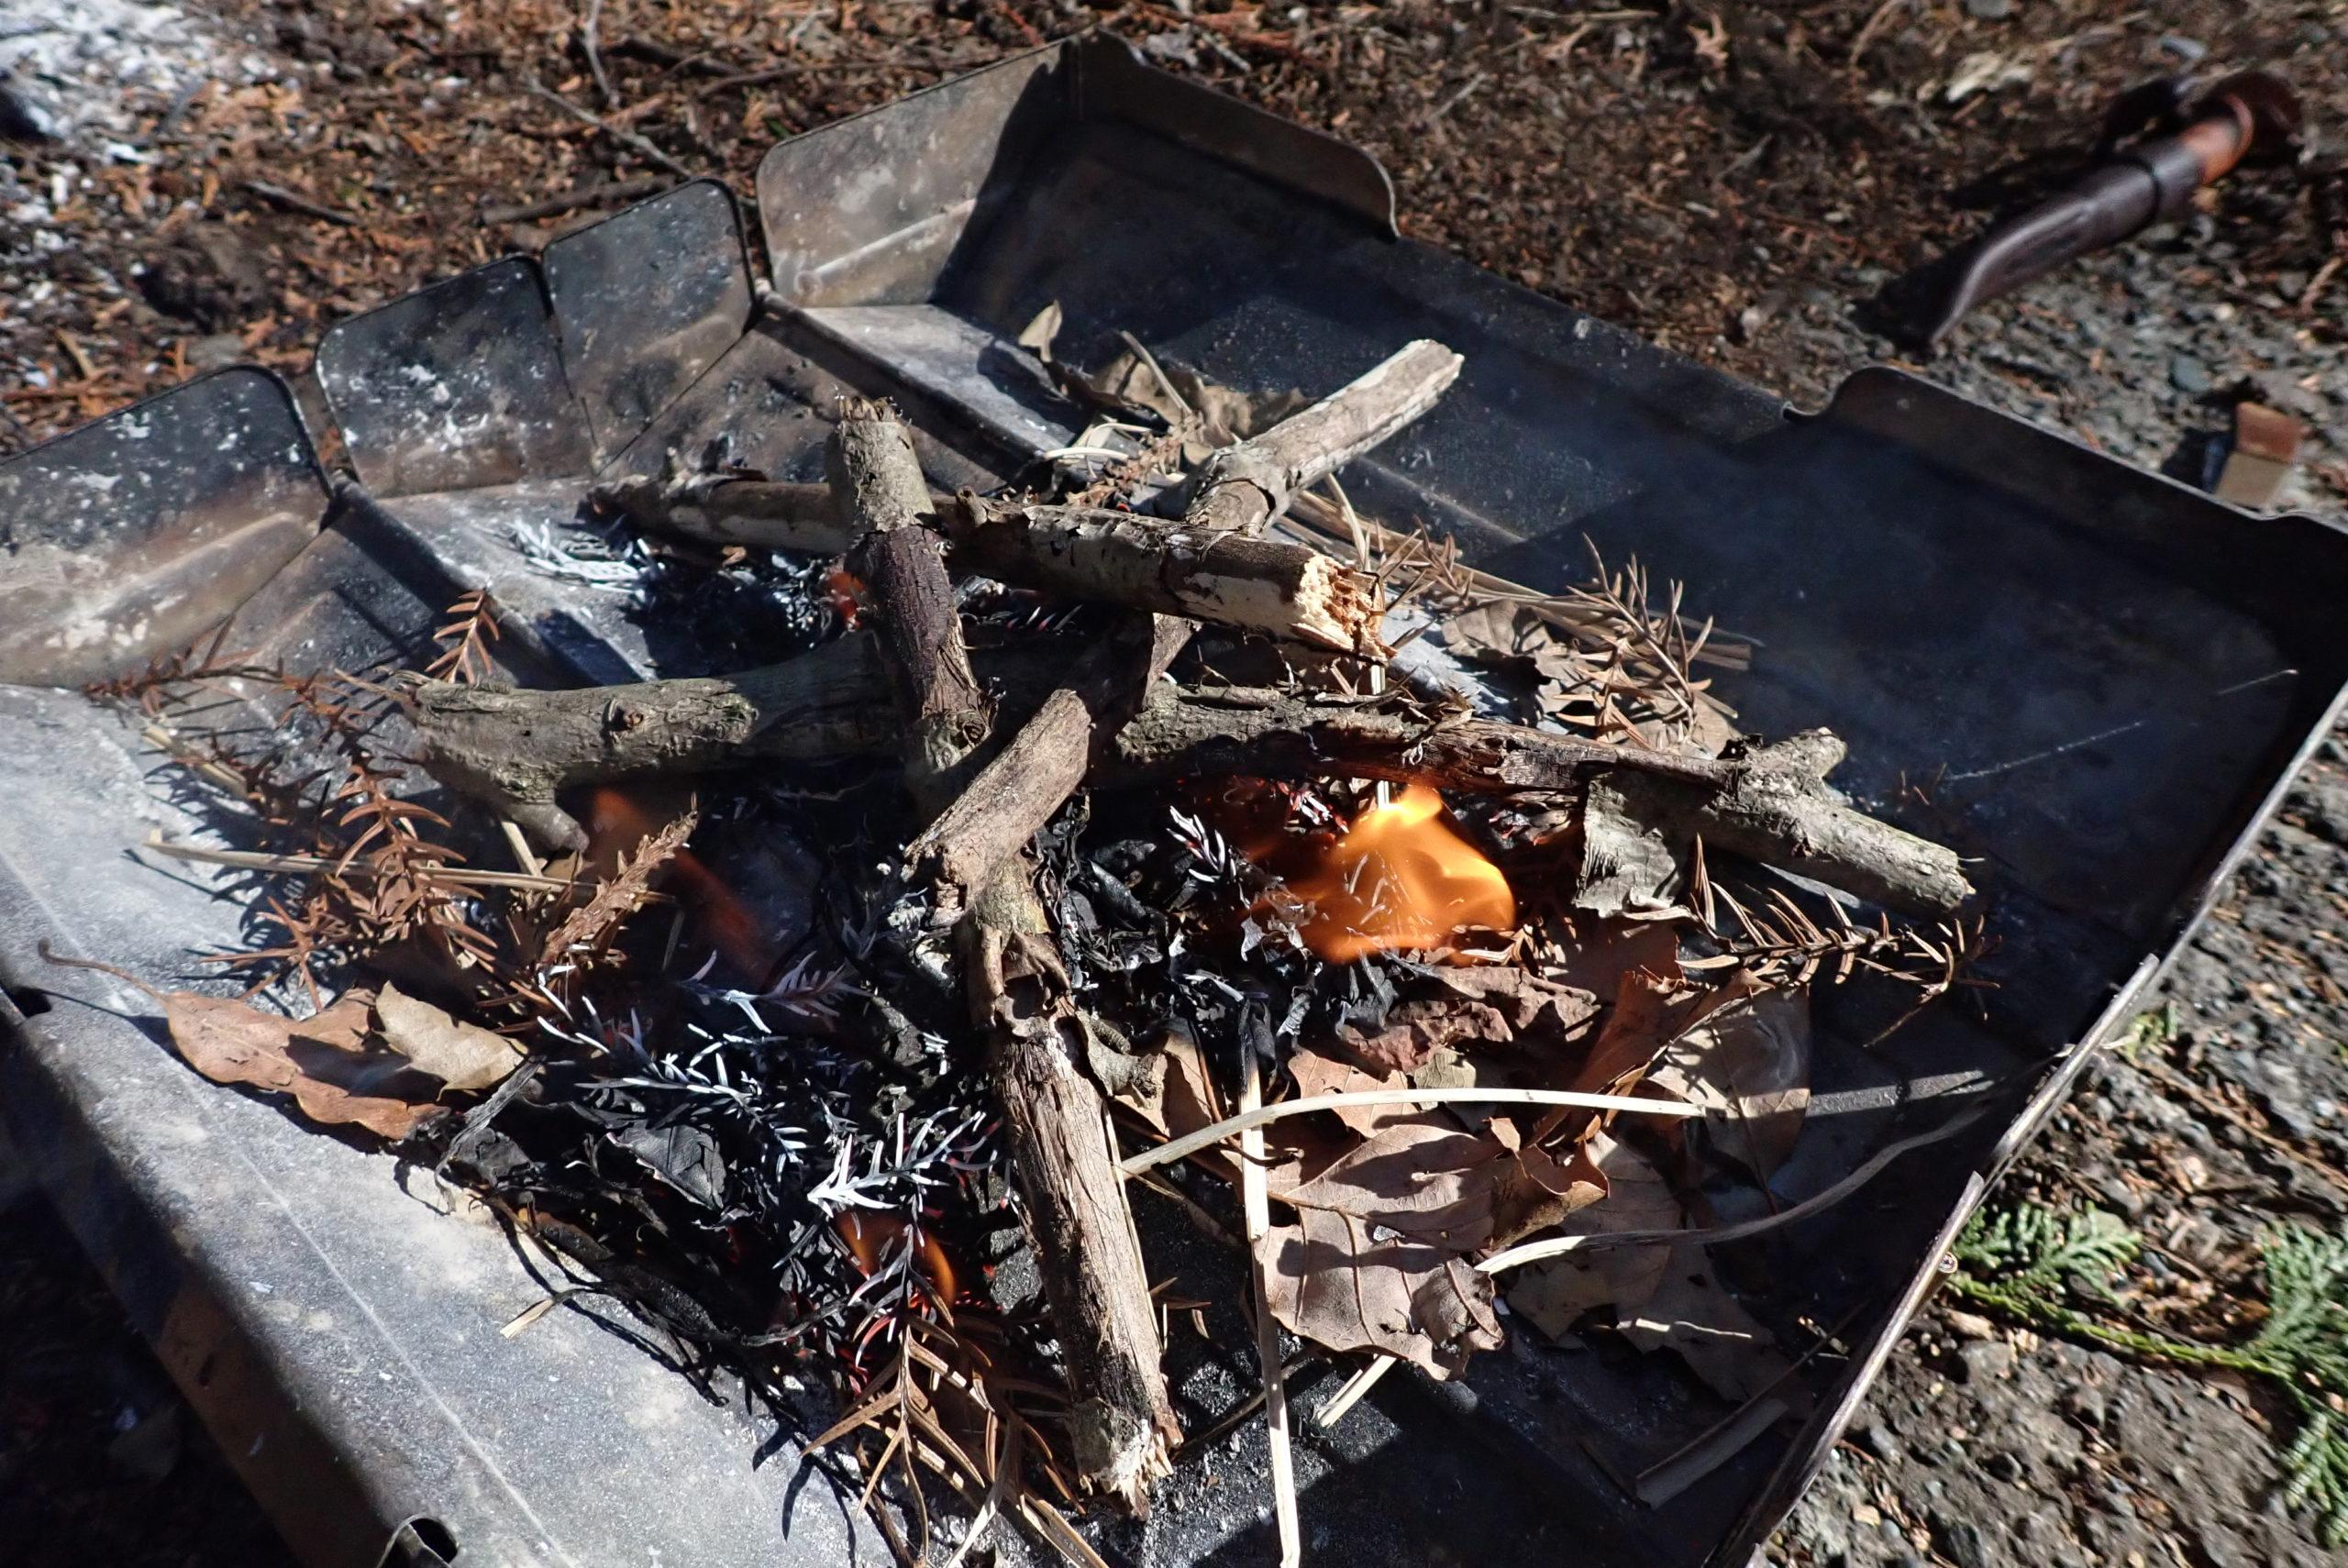 【焚火のすすめ】その場にあるもので火を起こす